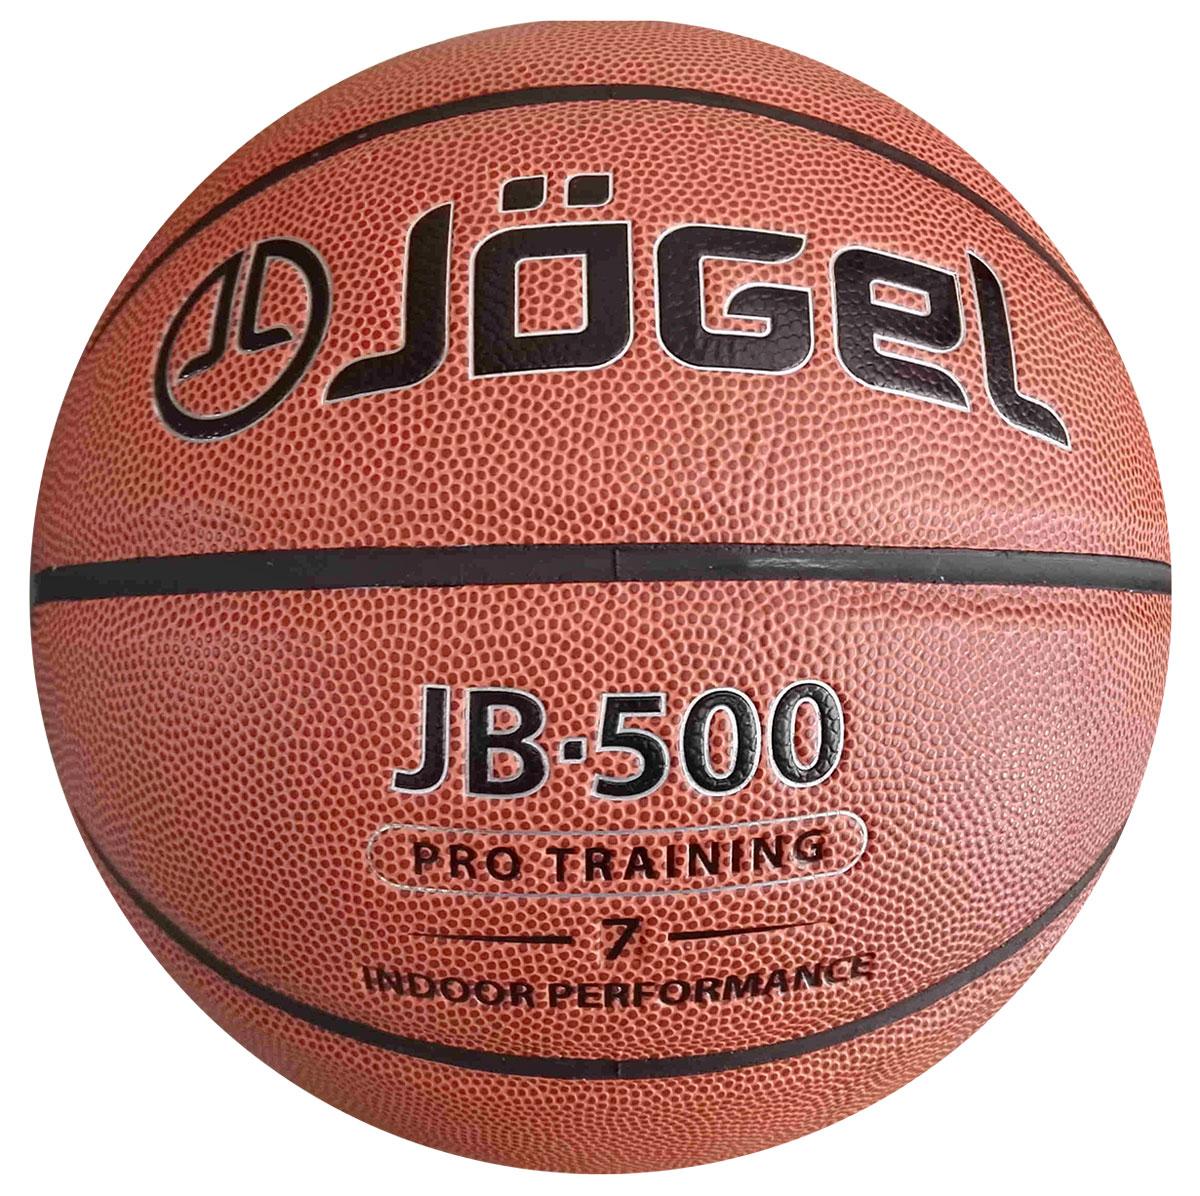 Мяч баскетбольный Jogel, цвет: коричневый. Размер 7. JB-500 мячи спортивные jogel мяч баскетбольный jogel jb 150 7